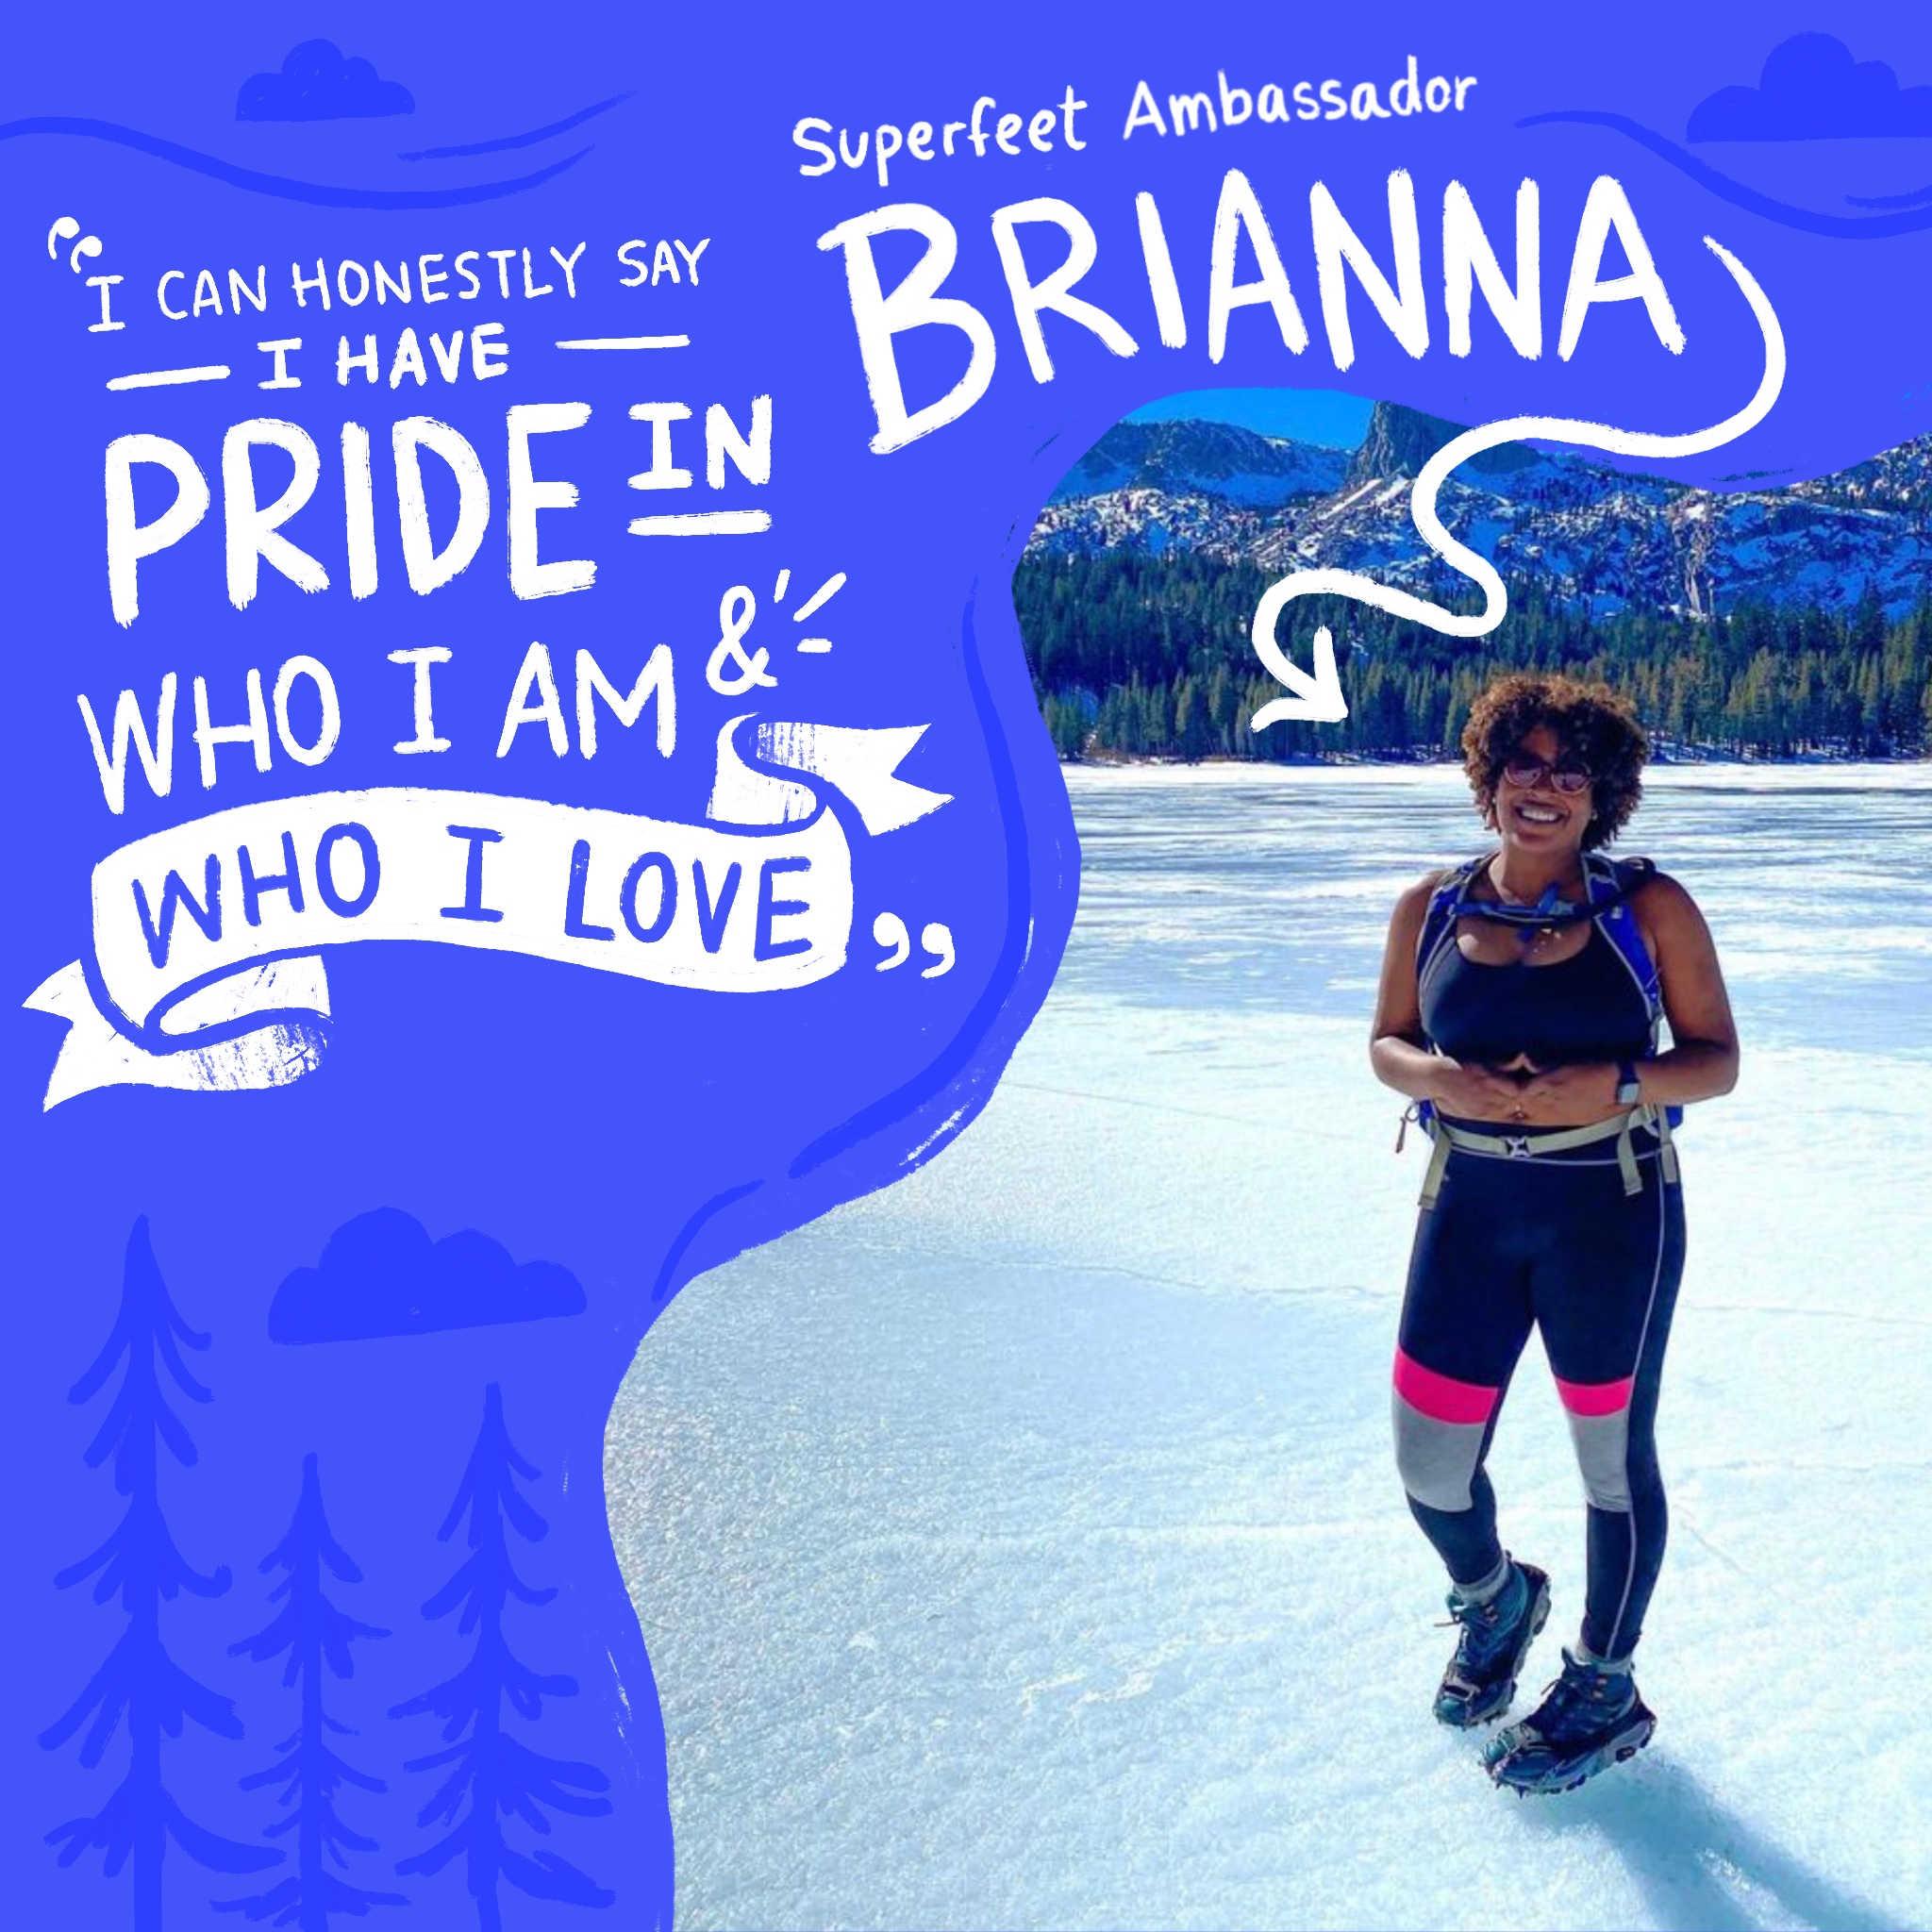 Meet Superfeet Ambassador Brianna